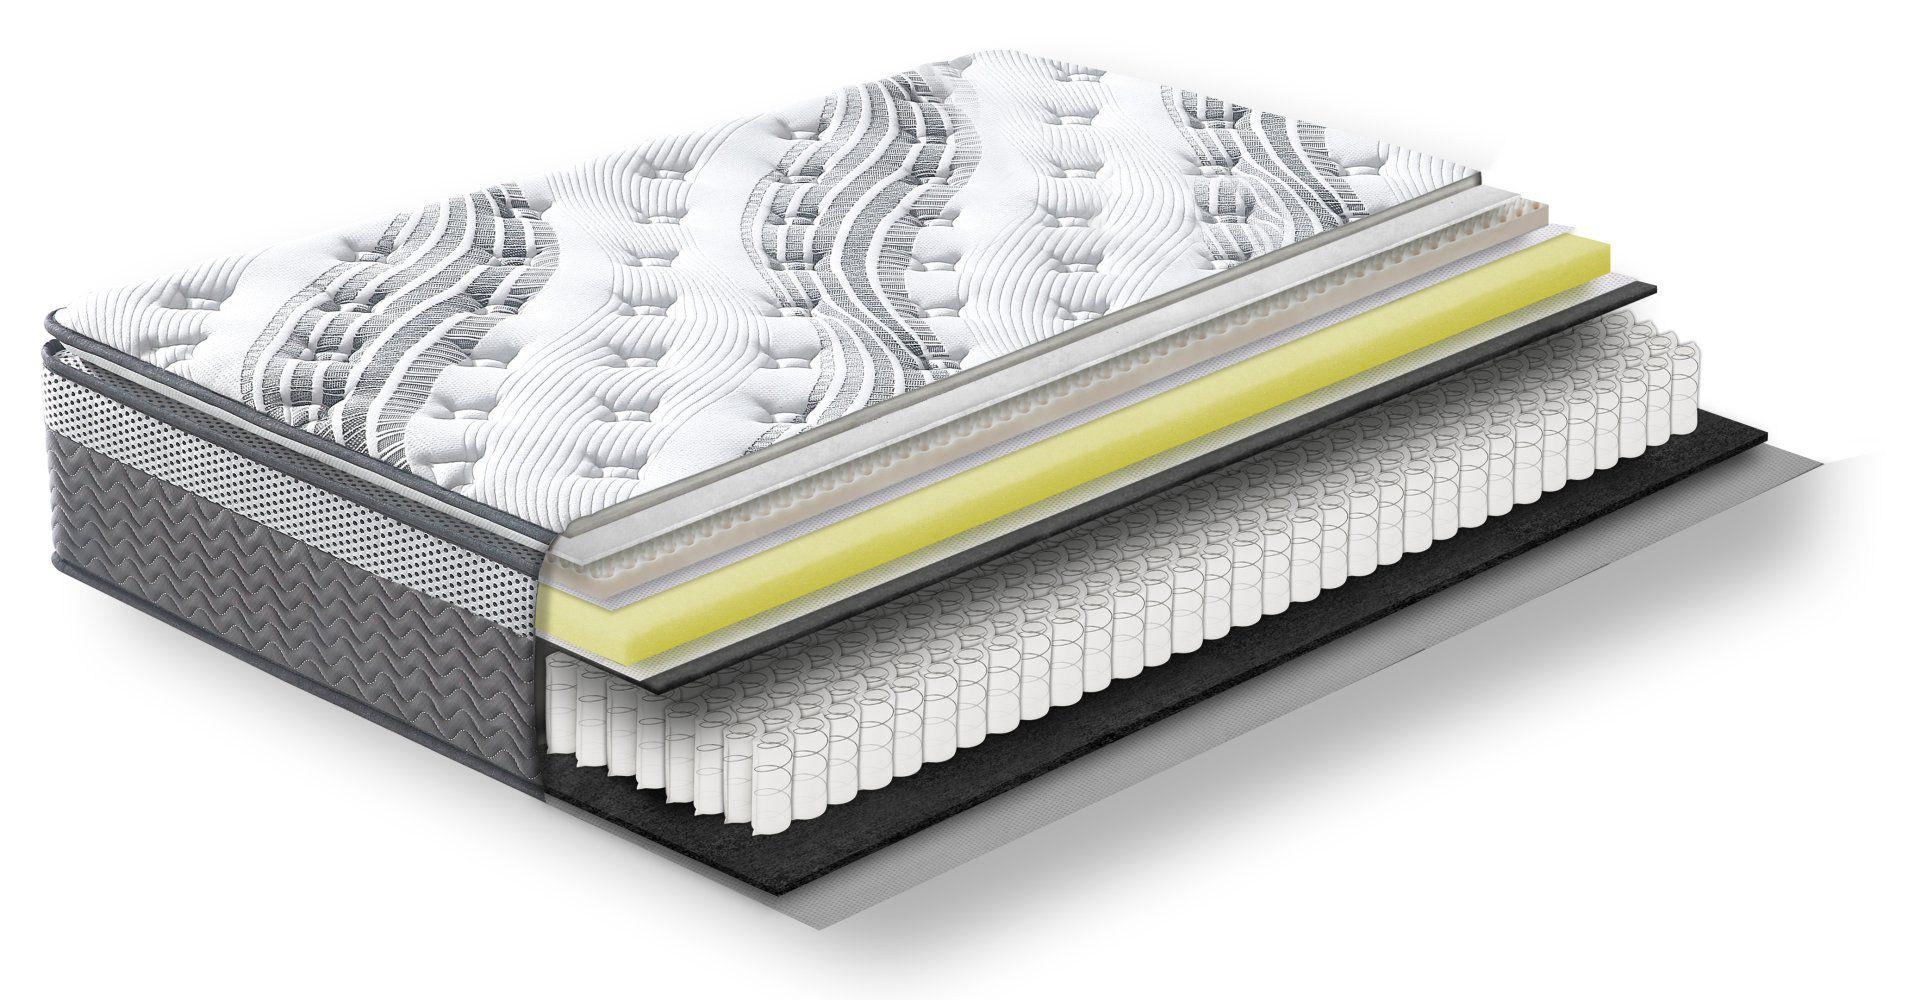 Steiner Premium Matratze Relax mit Taschenfederkern - Größe: 90 x 200 cm, Härtegrad H3-H4, Höhe: 33 cm